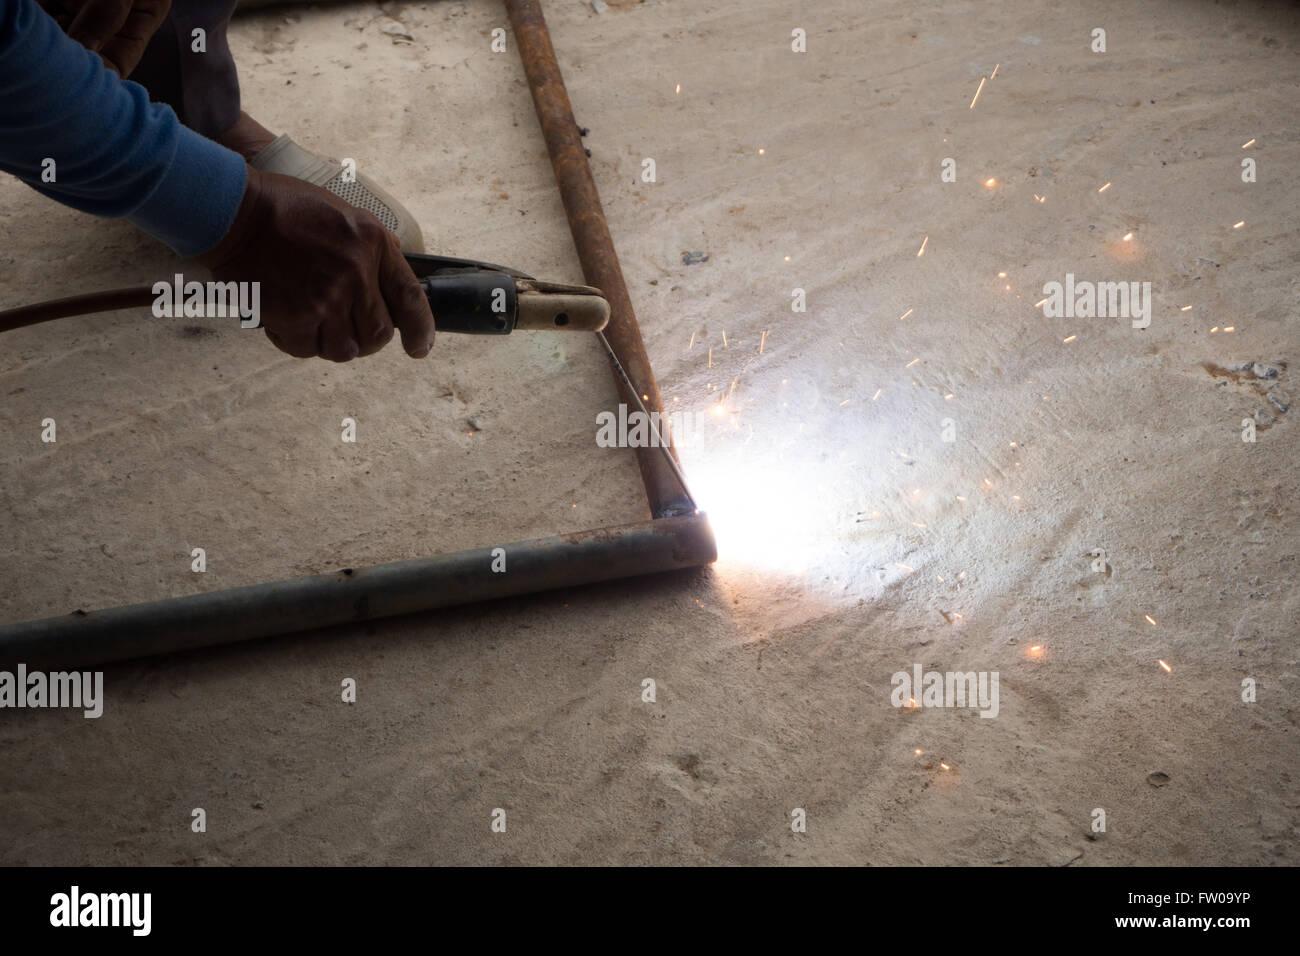 Ferro de soldar simples com luz brilhante e fumaça Imagens de Stock